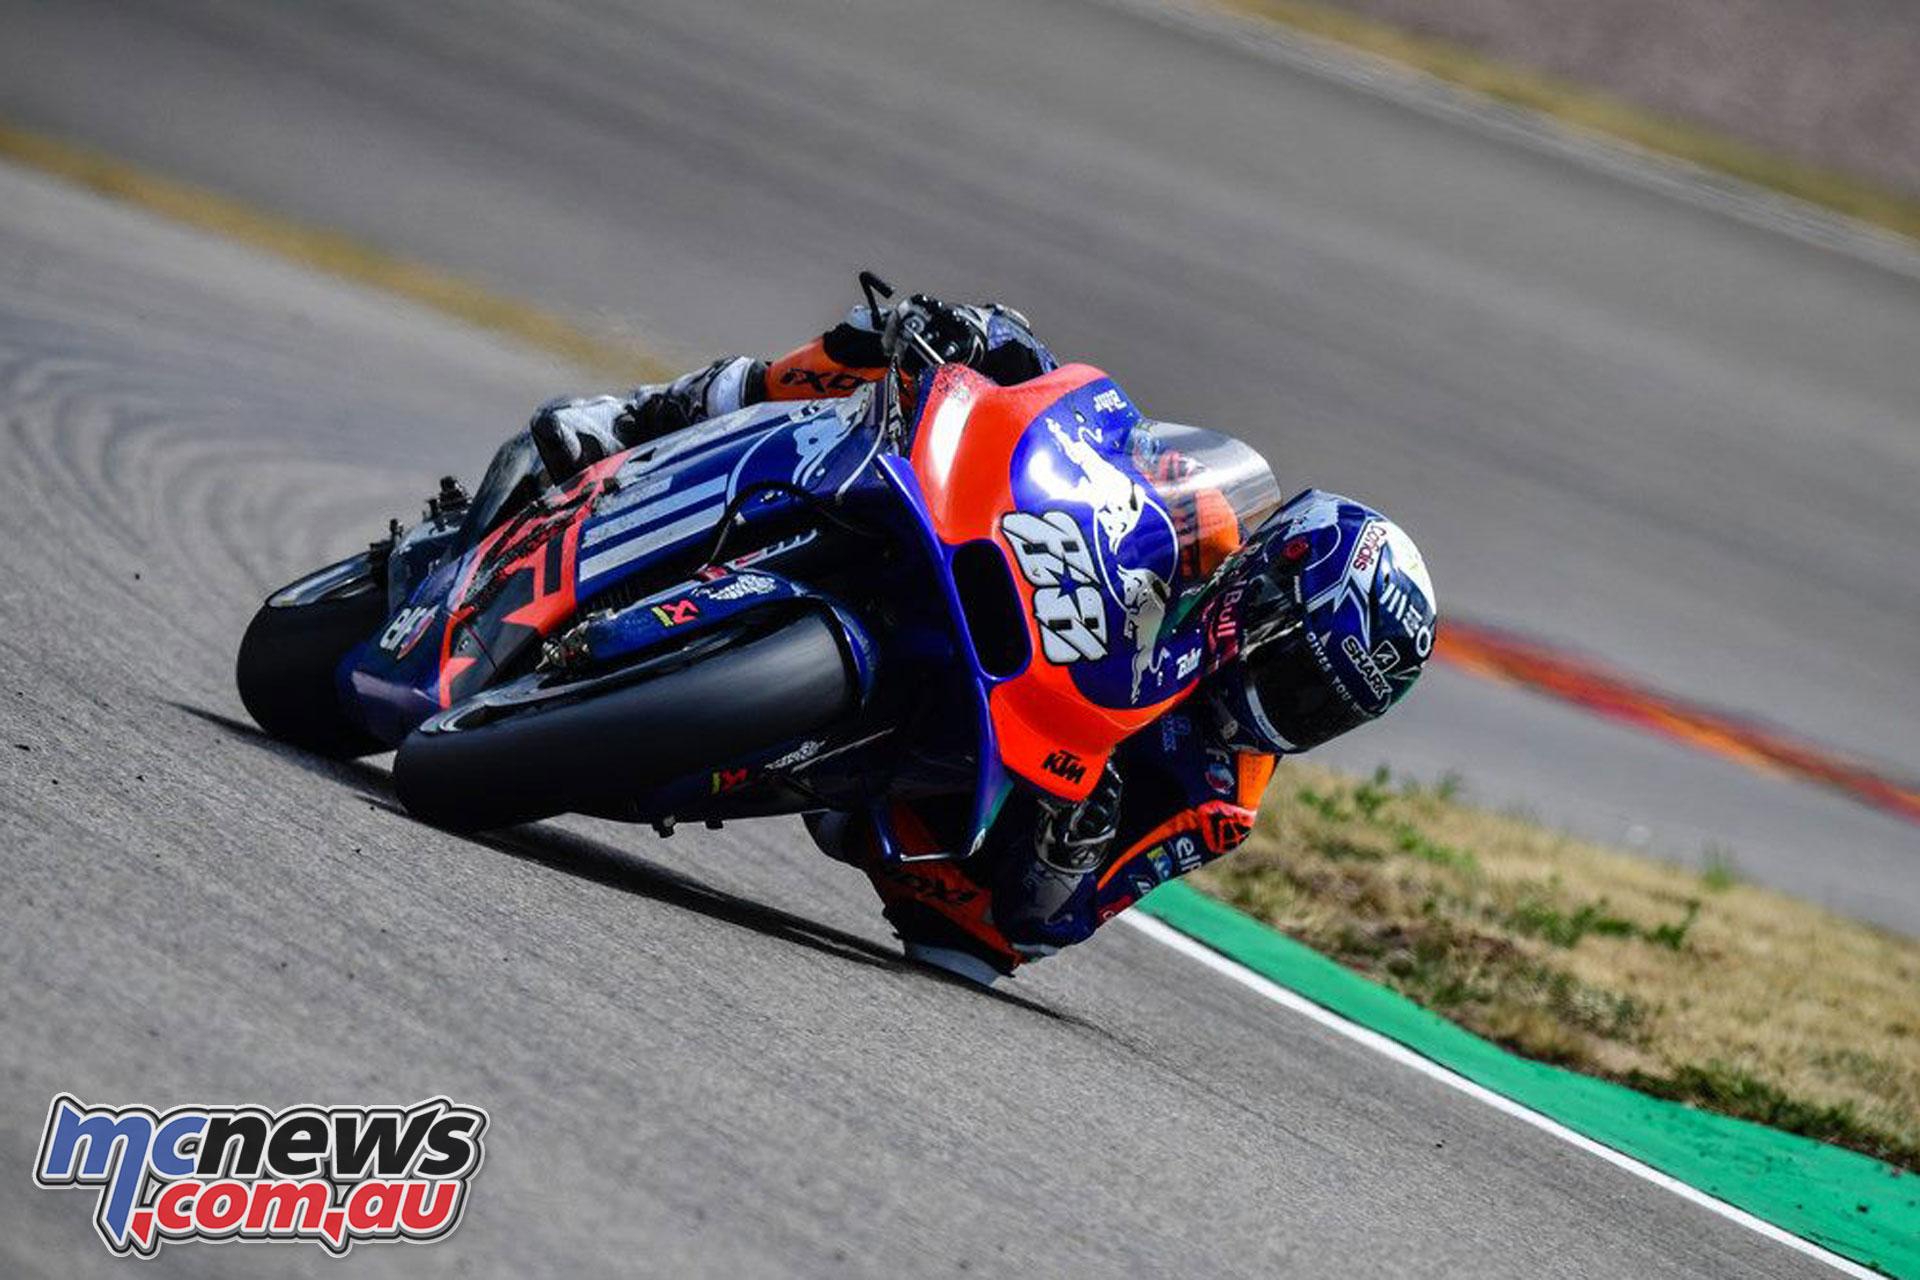 MotoGP Rnd Sachsenring Germany Miguel Oliveira